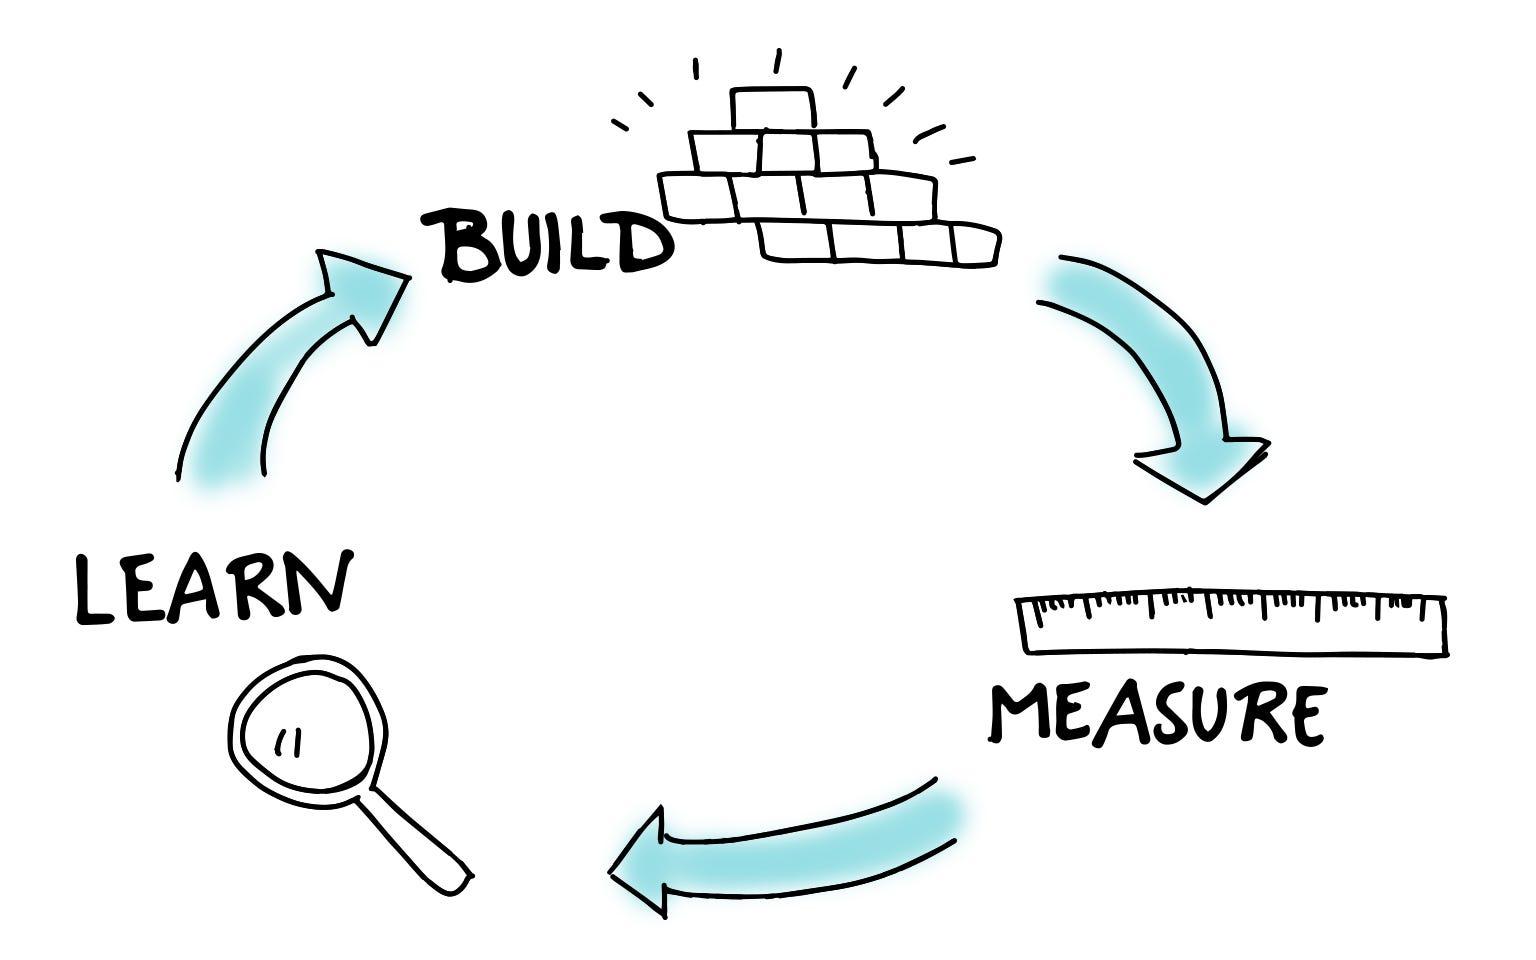 Ingin Memulai Startup Pastikan Anda Memahami Metodologi